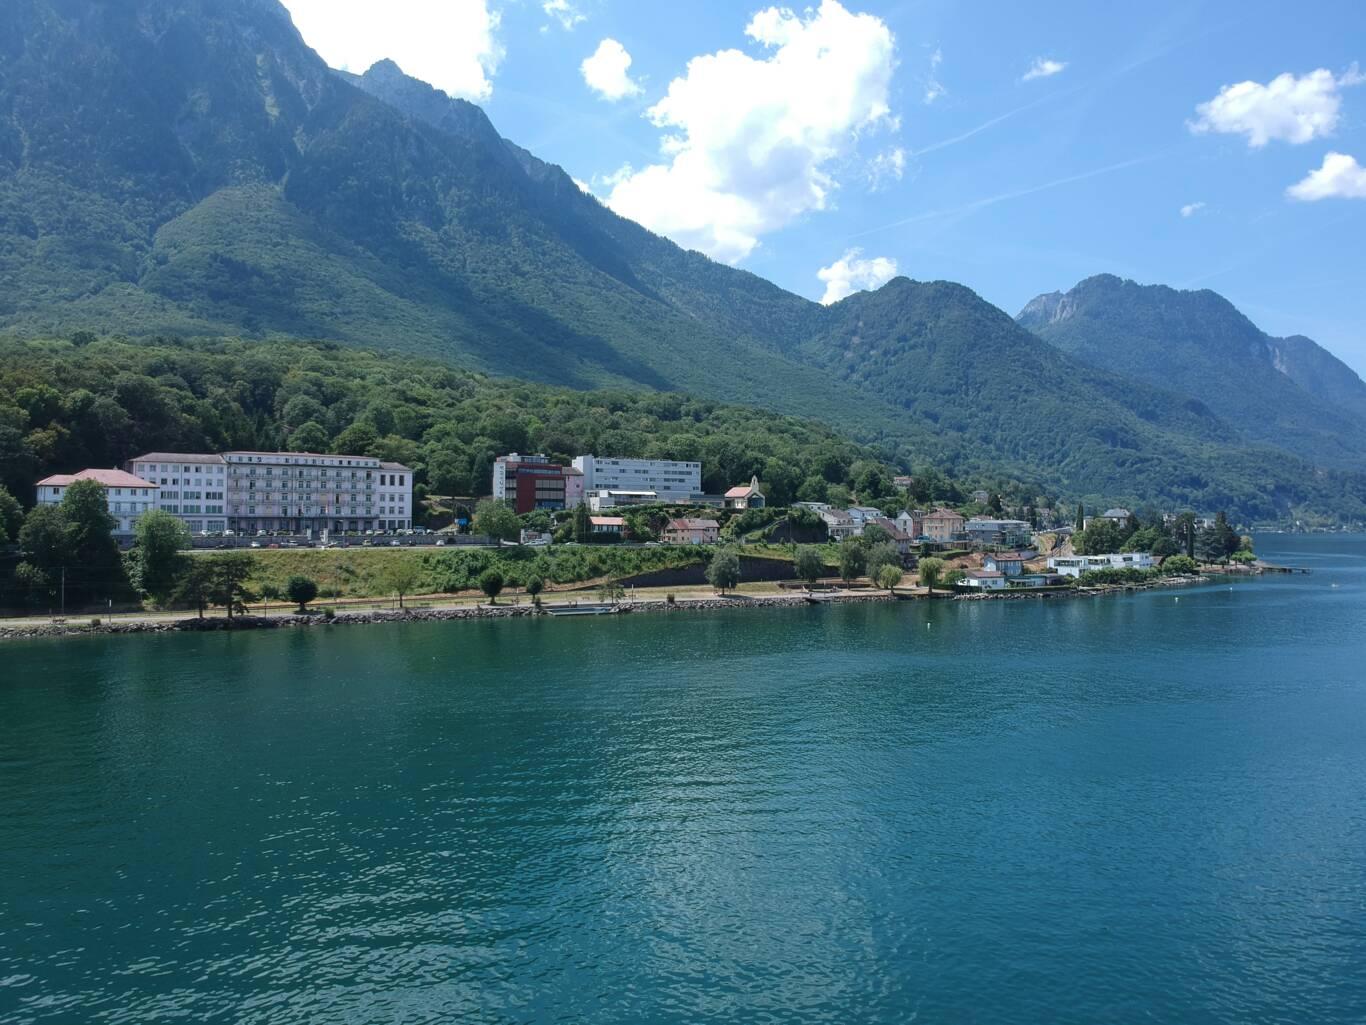 CRCS bachelor lake view